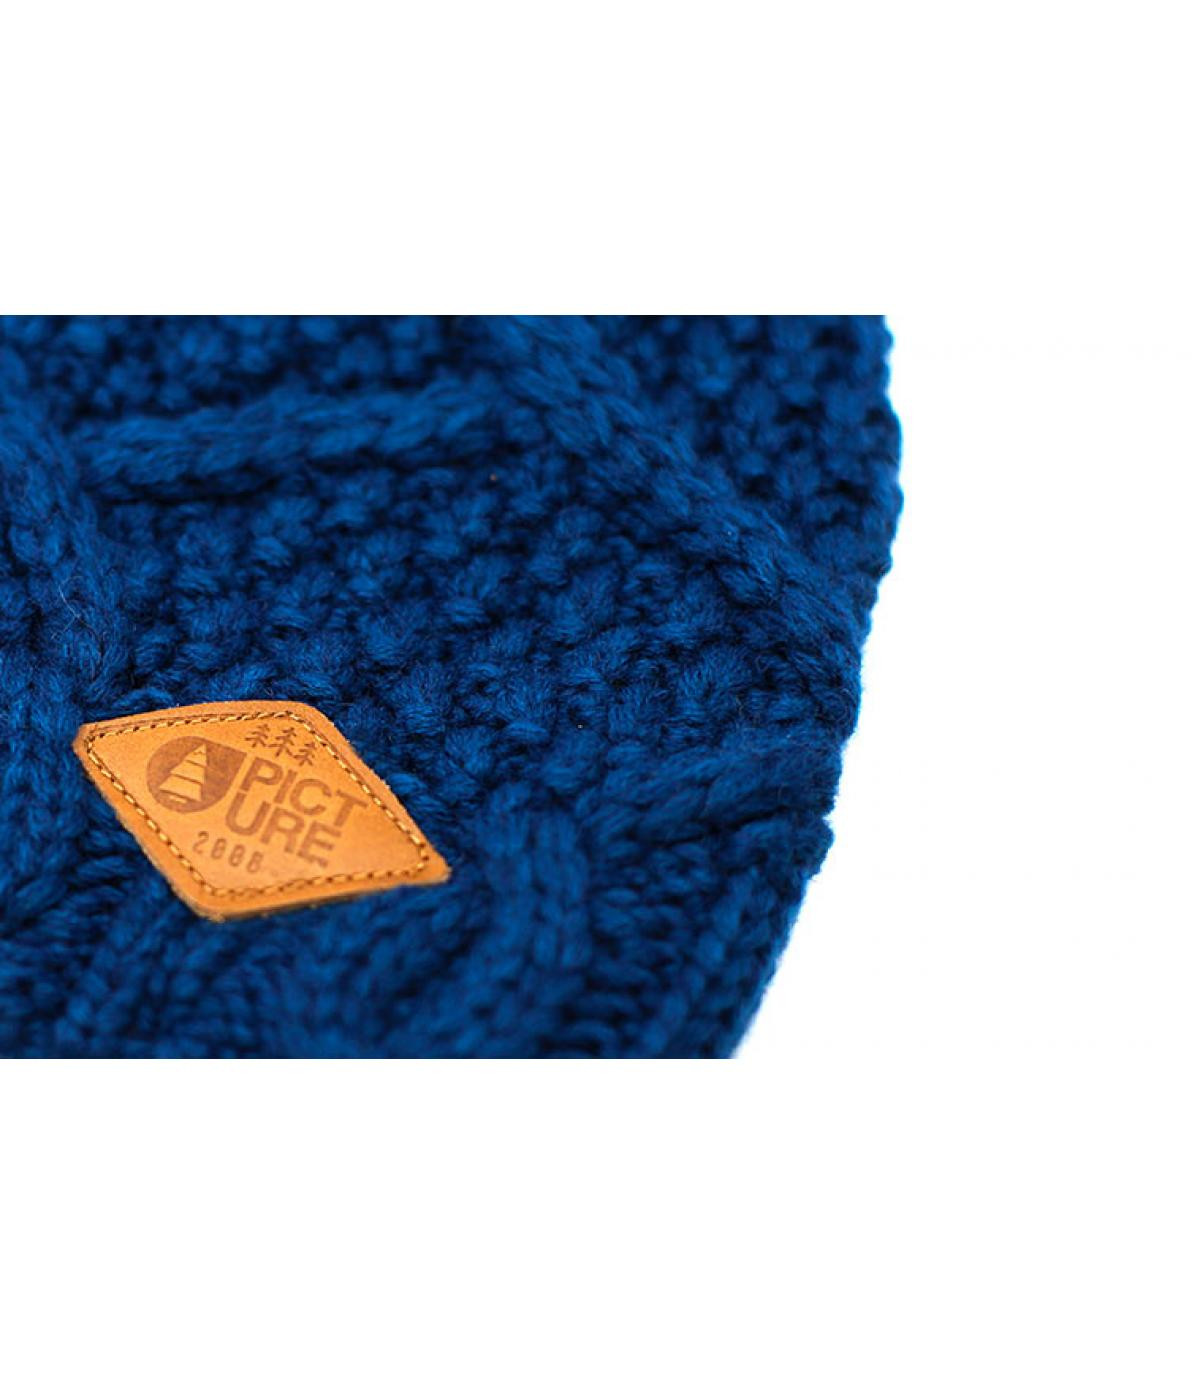 Détails Jude Beanie petrol blue - image 3